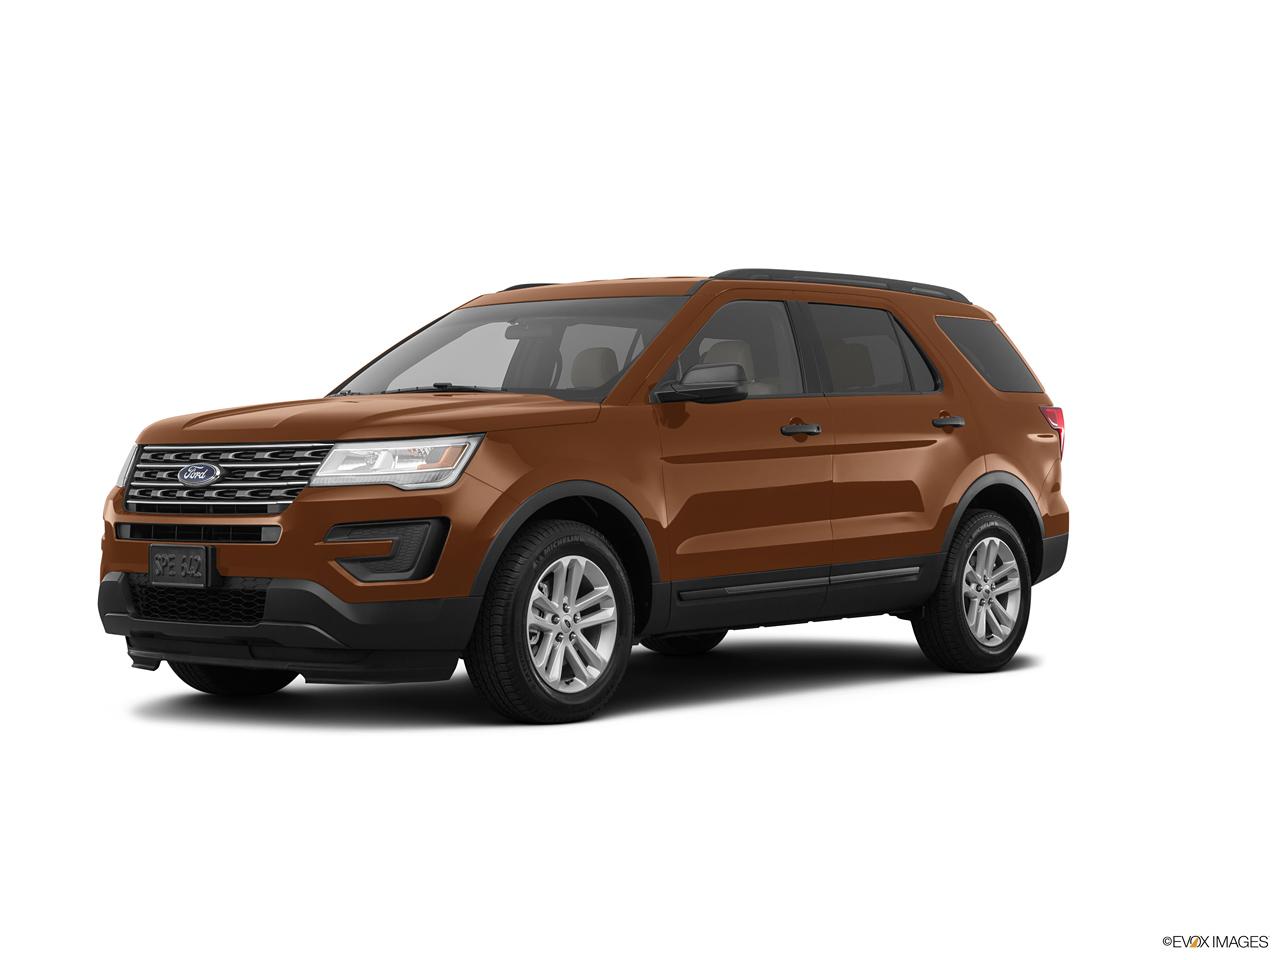 car pictures list for ford explorer 2018 3 5l v6 base awd qatar yallamotor. Black Bedroom Furniture Sets. Home Design Ideas